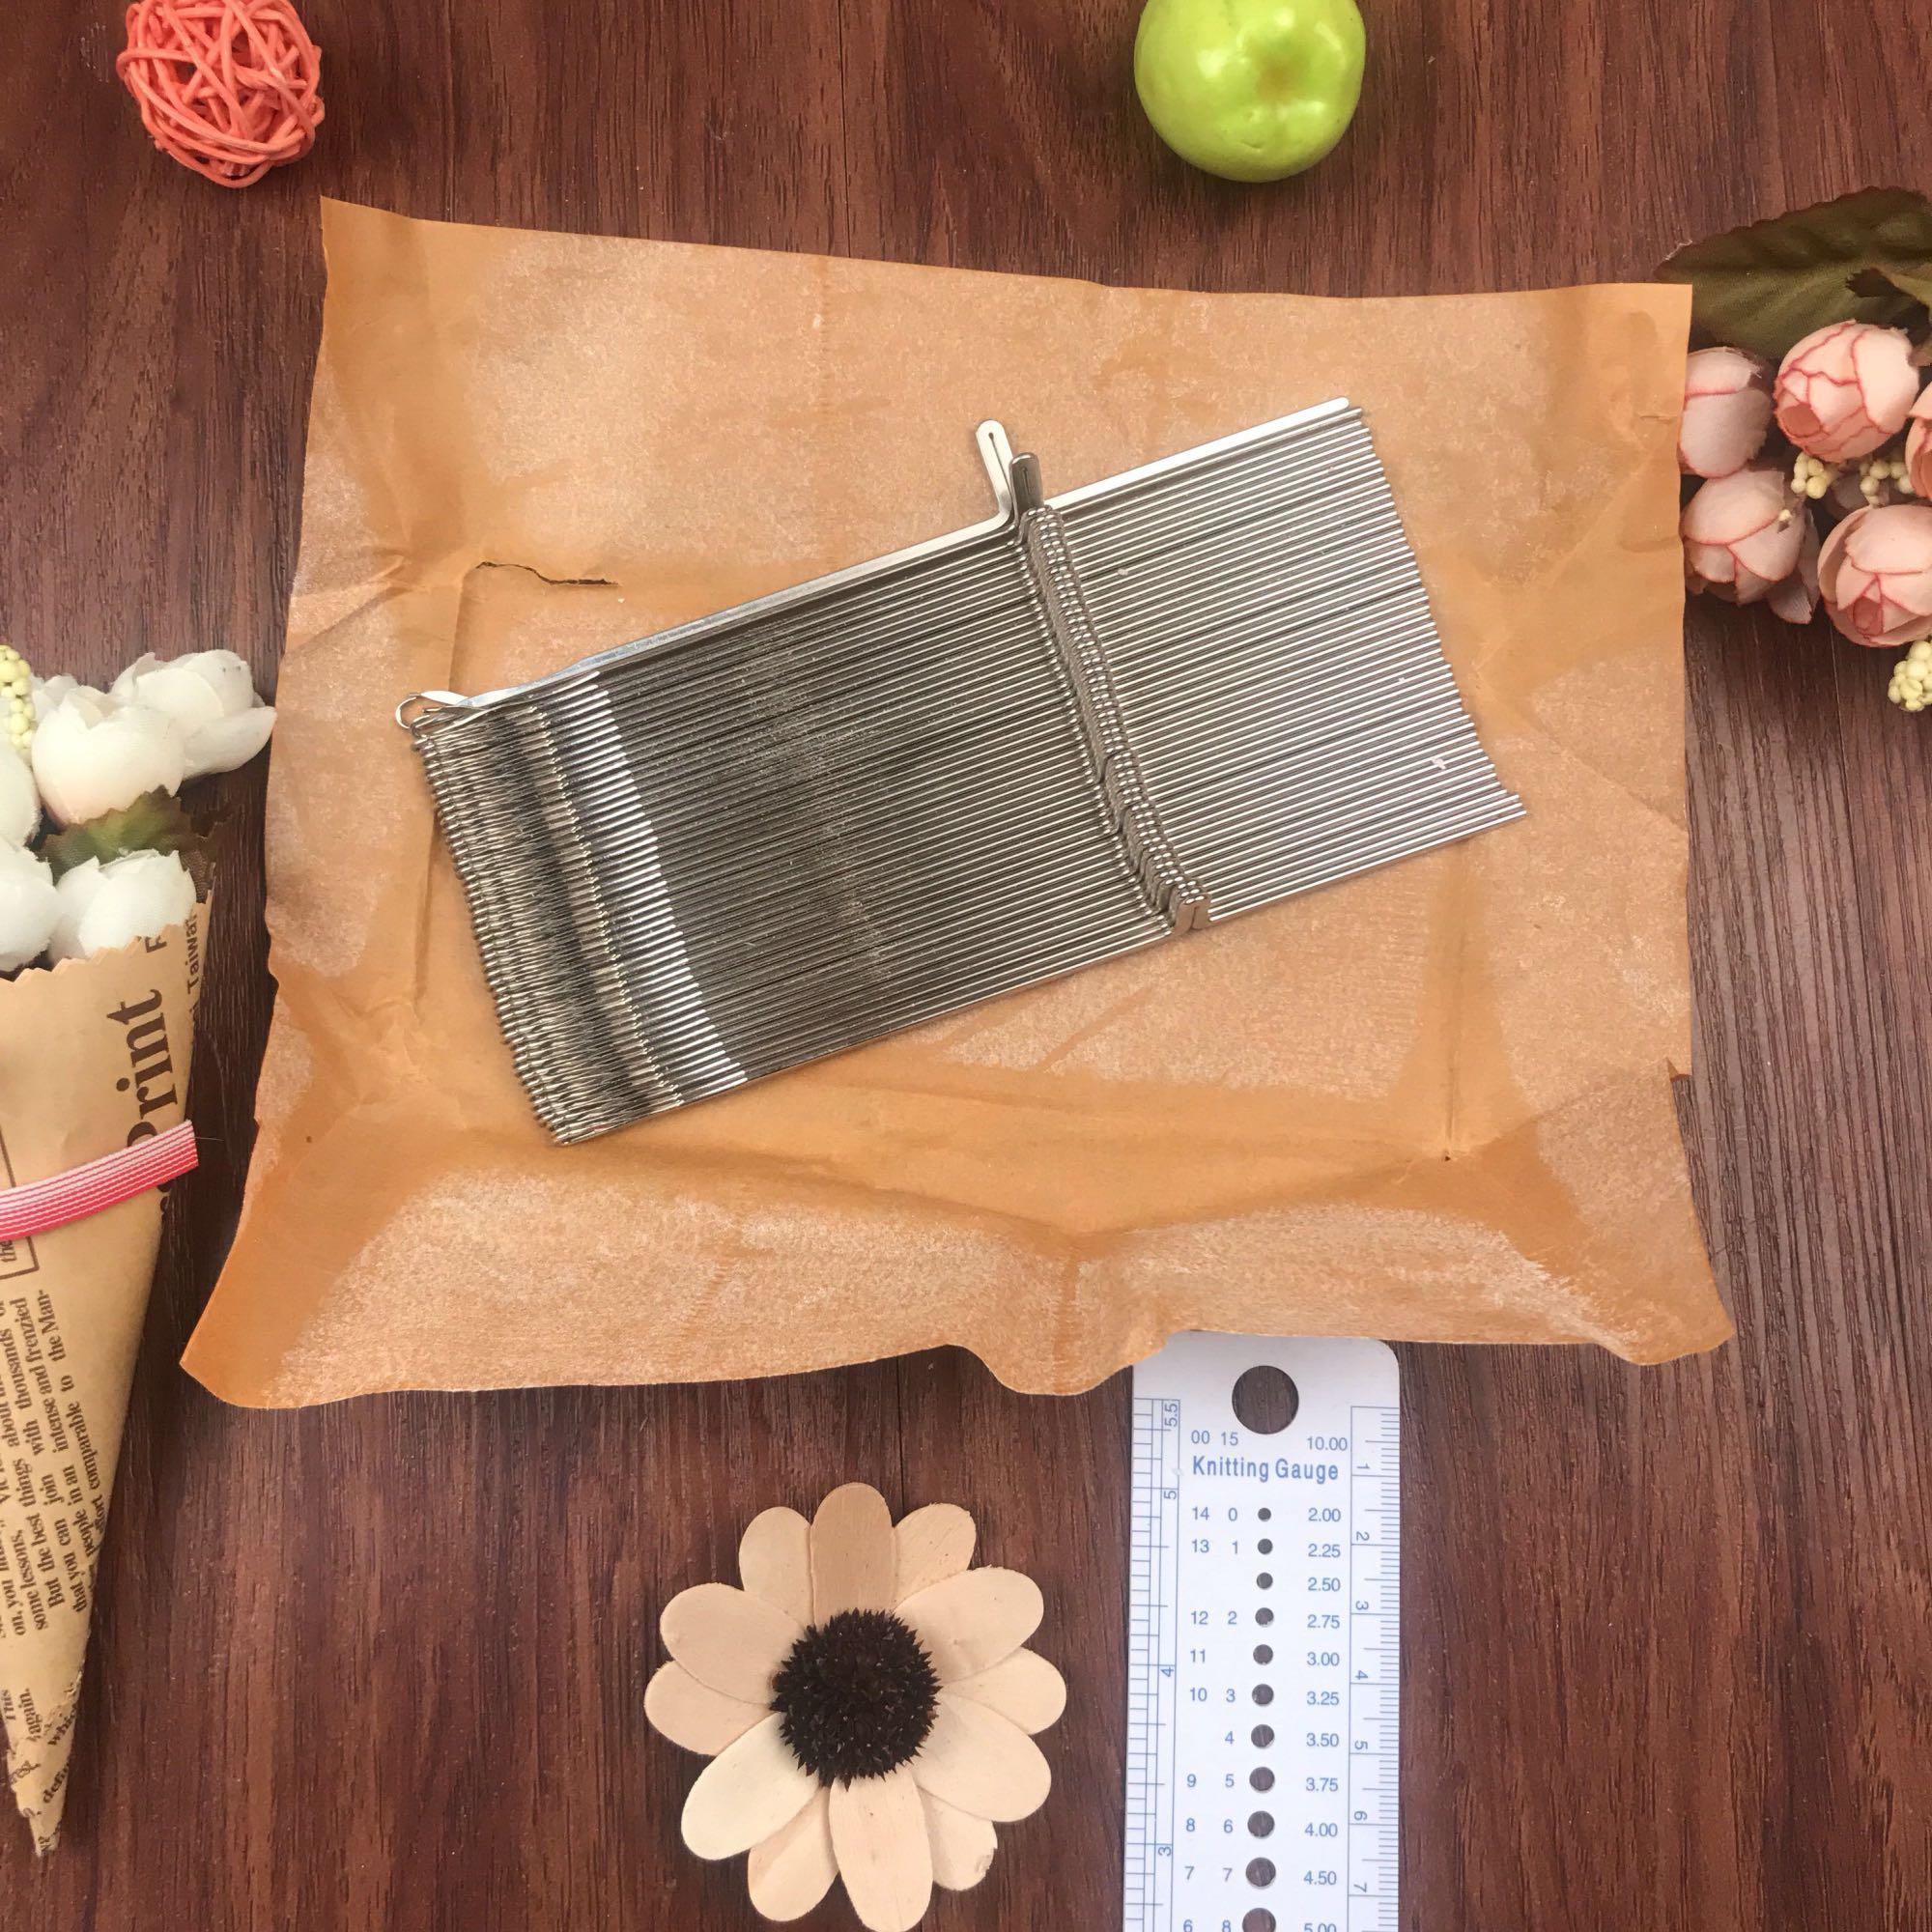 شحن مجاني KH260 آلة الحياكة الكروشيه هوك الإبر 15.7 سنتيمتر 50 قطع الأخ / الفضة آلات القص محبوك الرئيسي المناسب